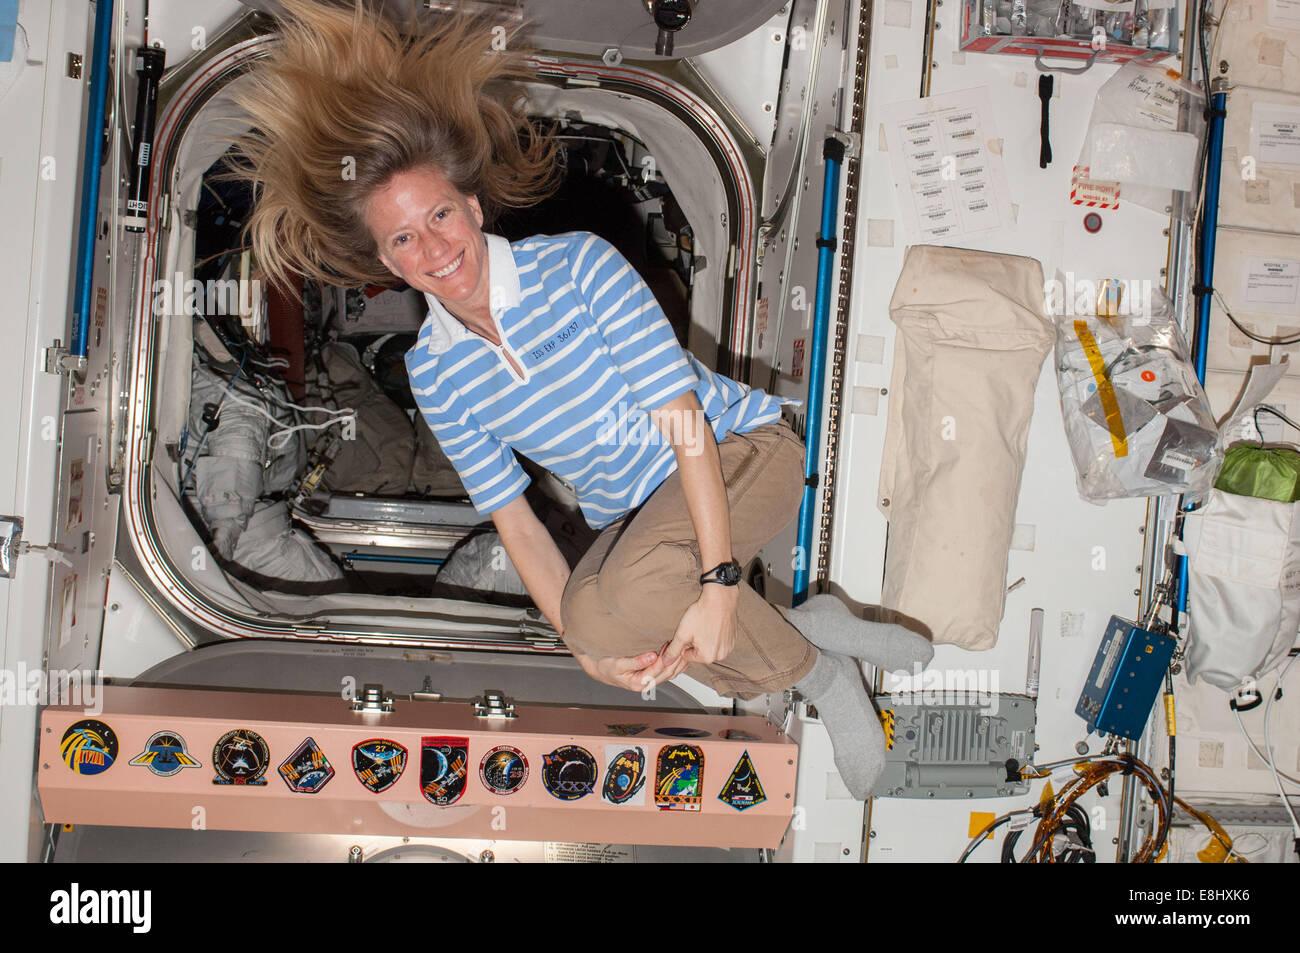 La unidad conecta el nodo sirve como un pasaje a muchas otras partes de la Estación Espacial Internacional. Las tripulaciones suelen comer, salón Foto de stock